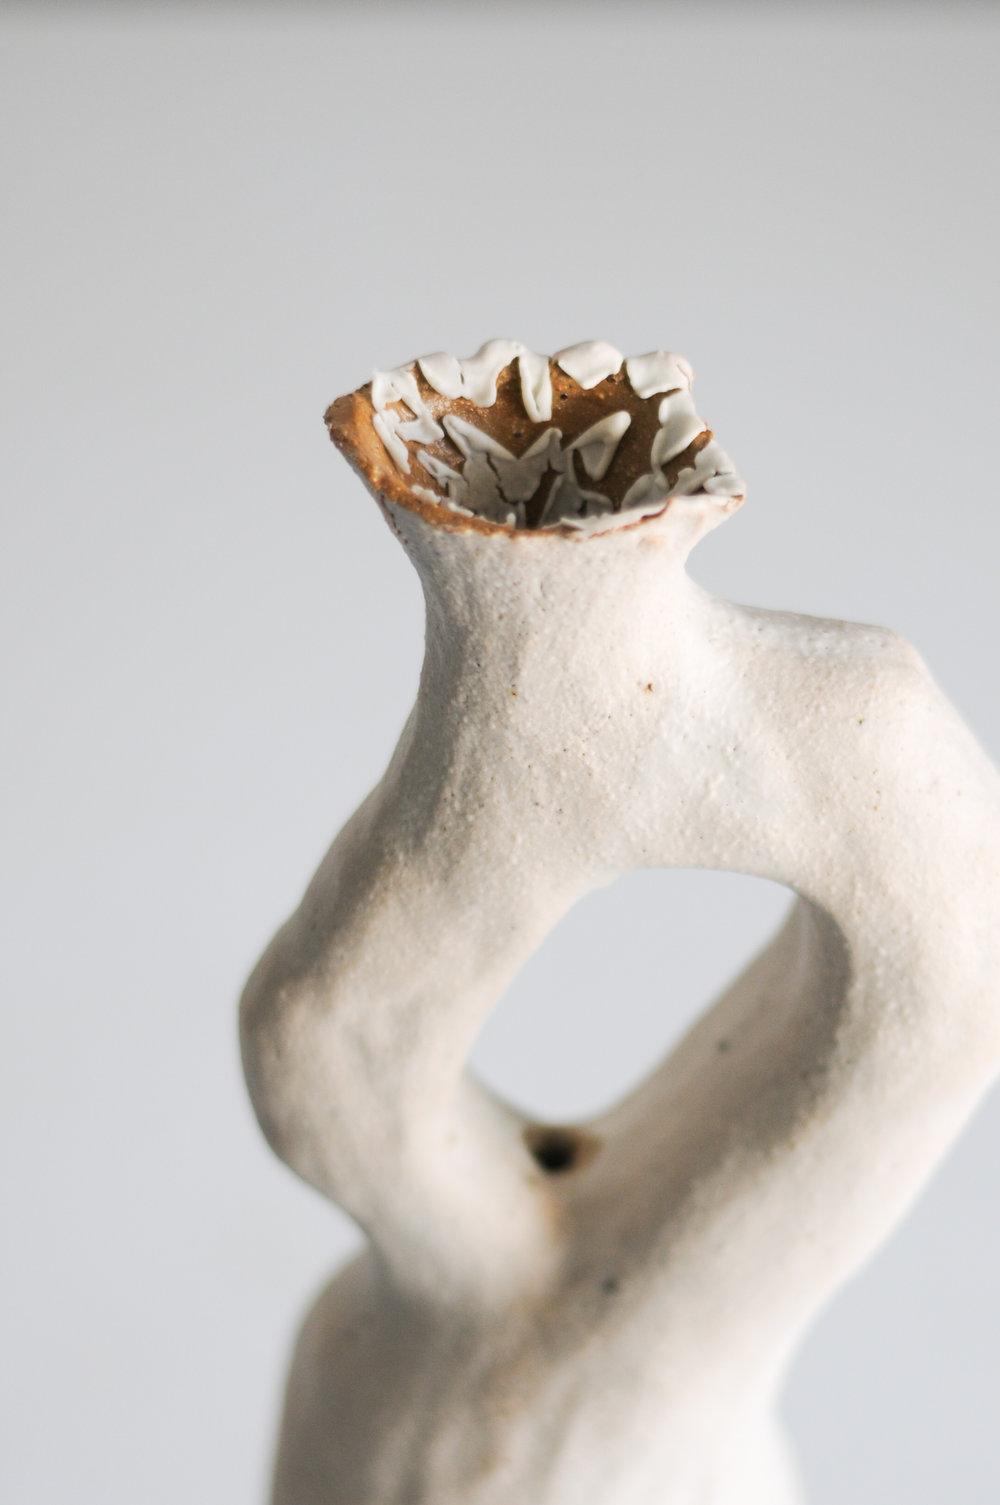 Onishi Vase (Detail) 2018